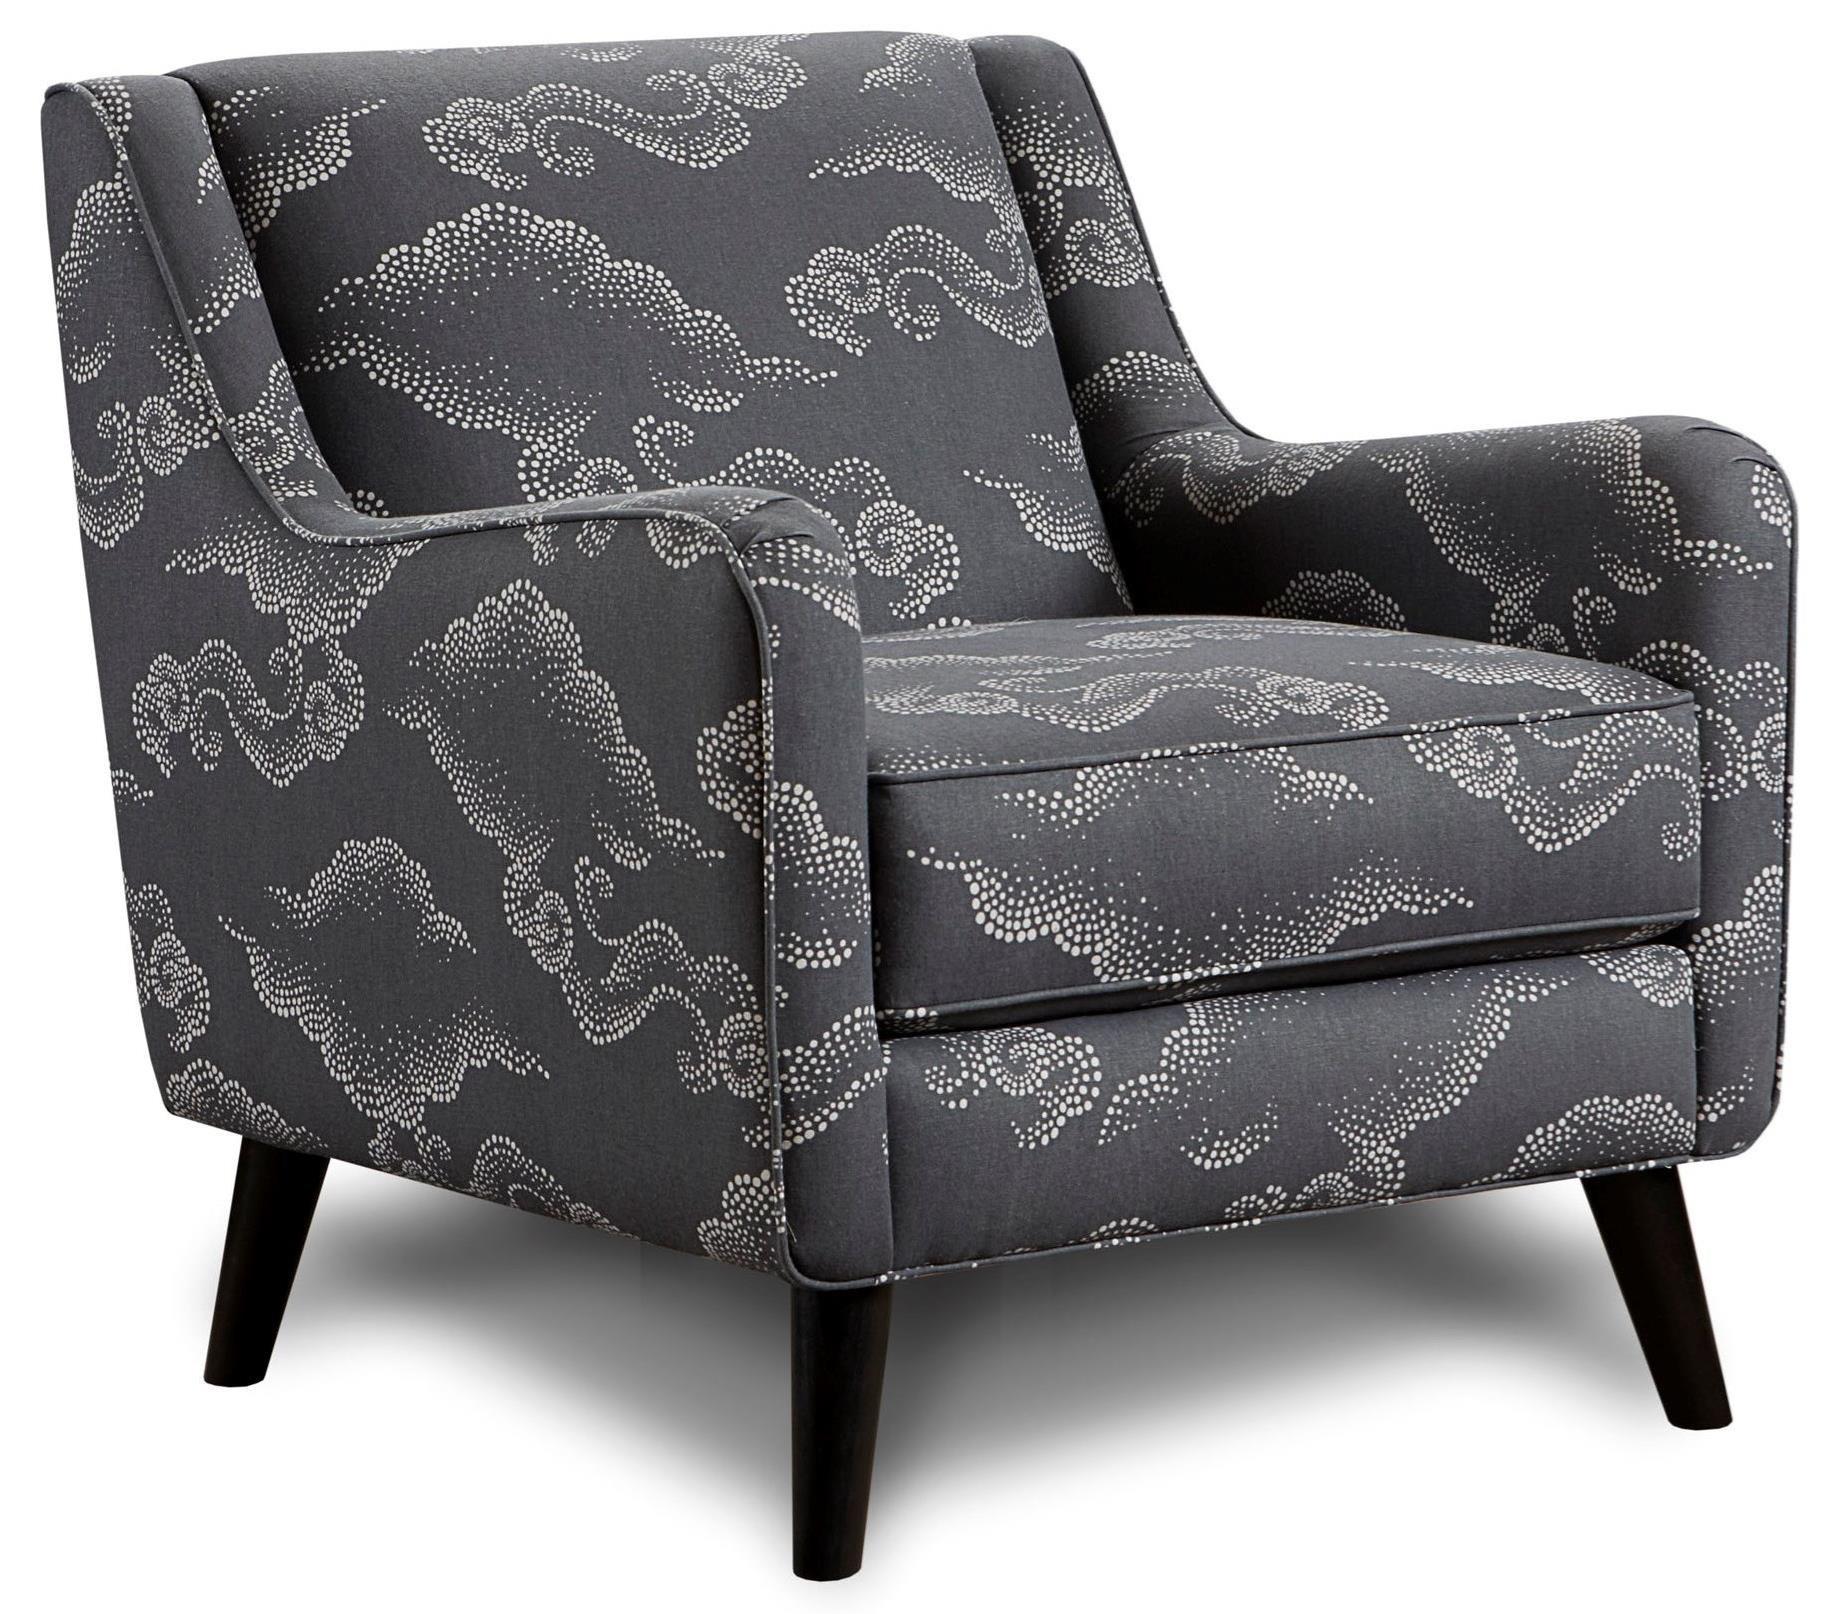 VFM Signature 240 Chair - Item Number: 240Cloudburst Graphite